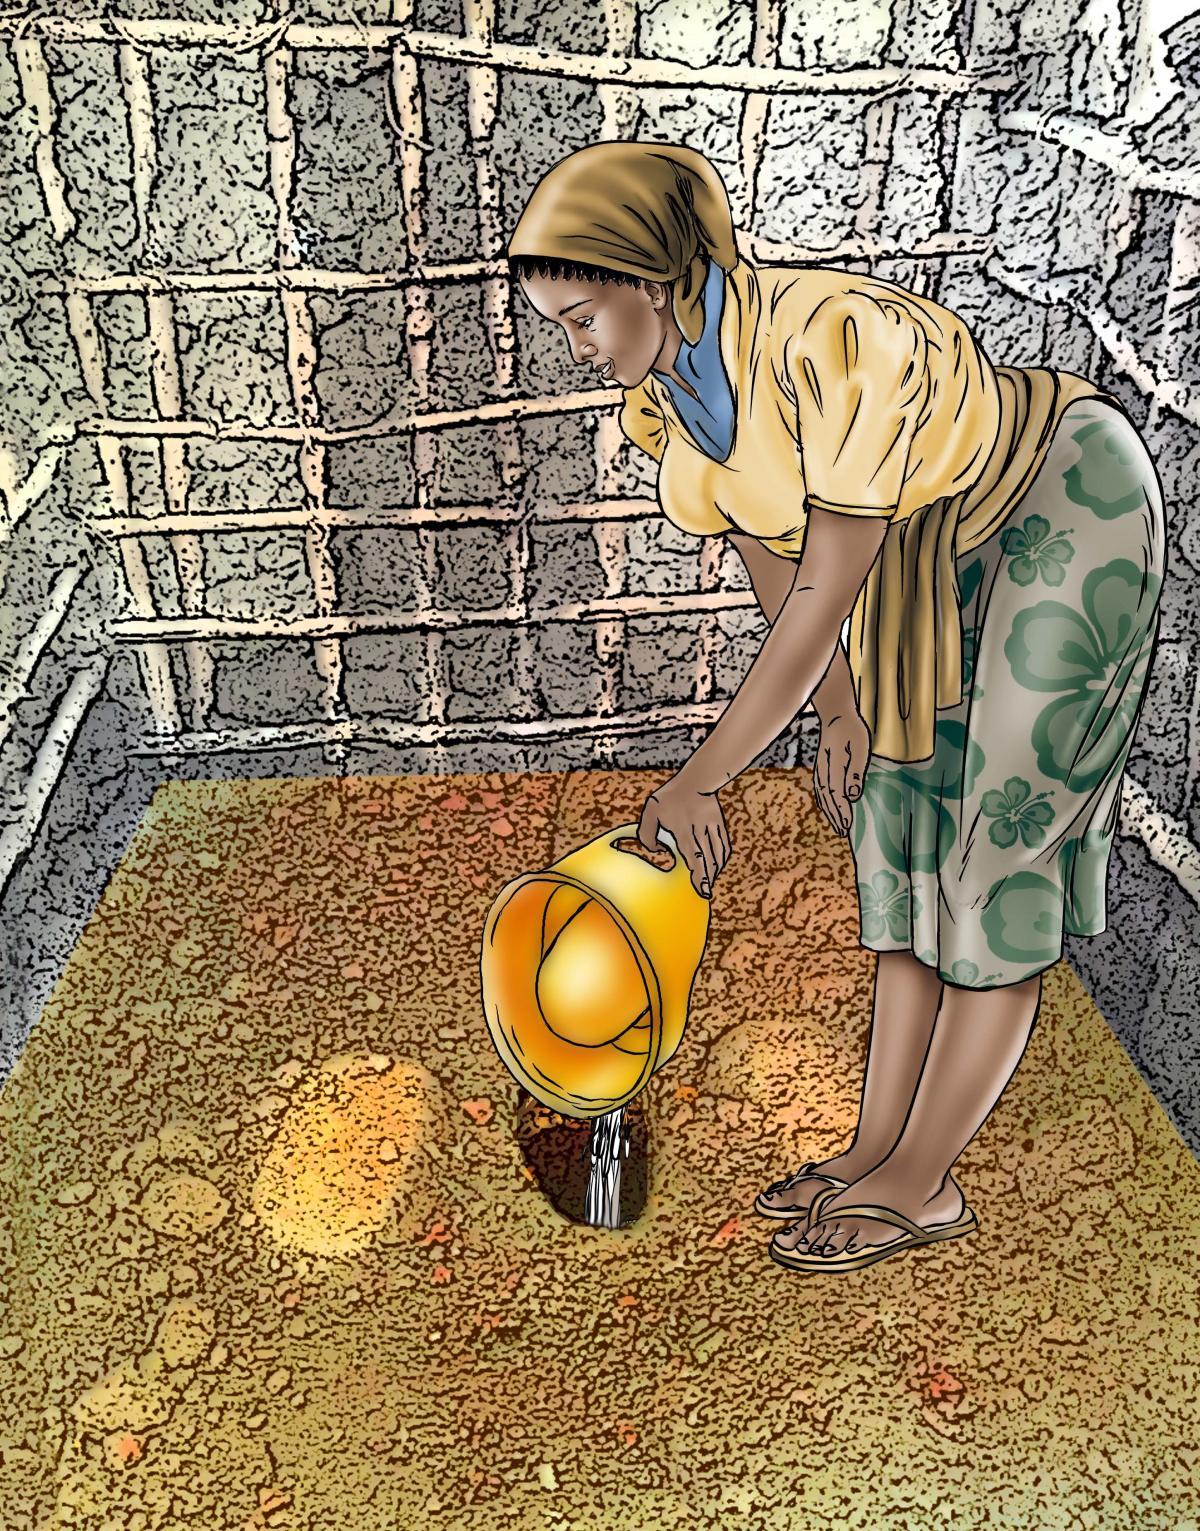 Sanitation - Depositing waste in latrine - 04A - Sierra Leone